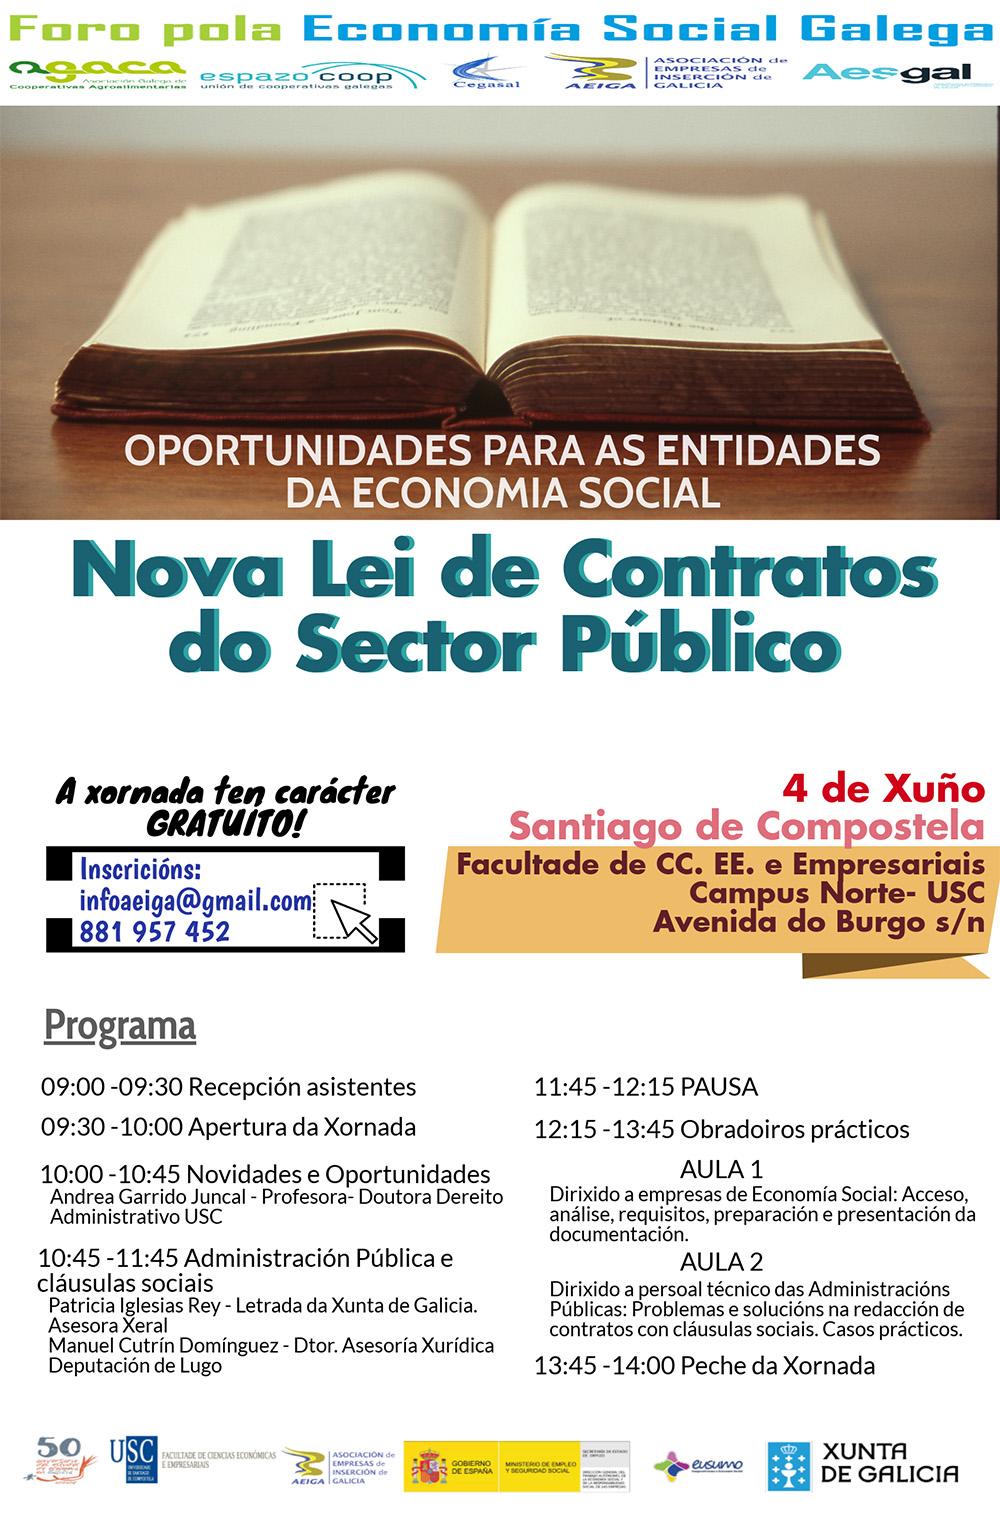 Xornada do Foro pola Economía Social Galega acerca da nova Lei de Contratos do Sector Público